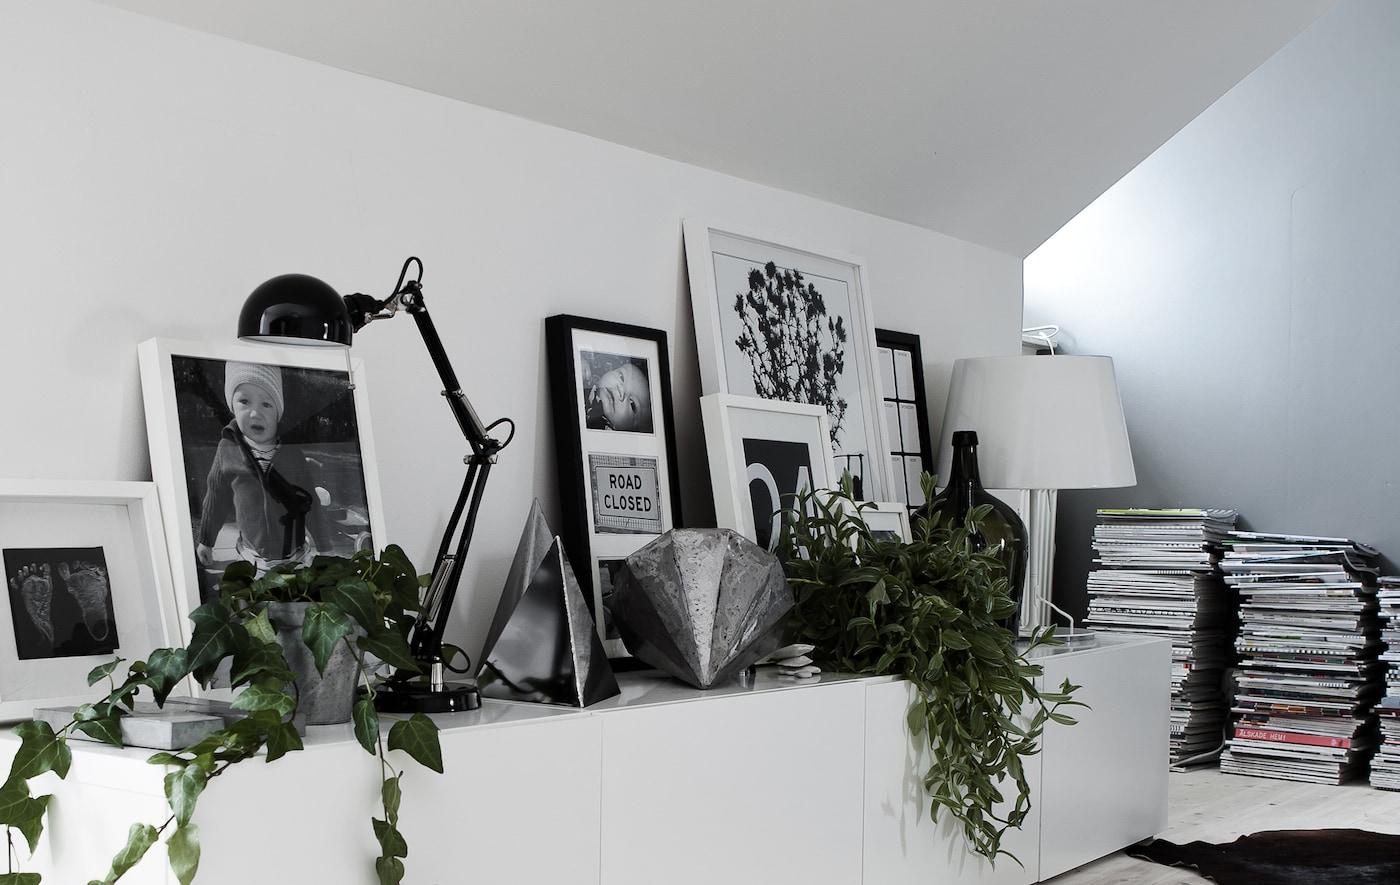 Regale Dekorieren Ablageflachen Gestalten Ikea Deutschland